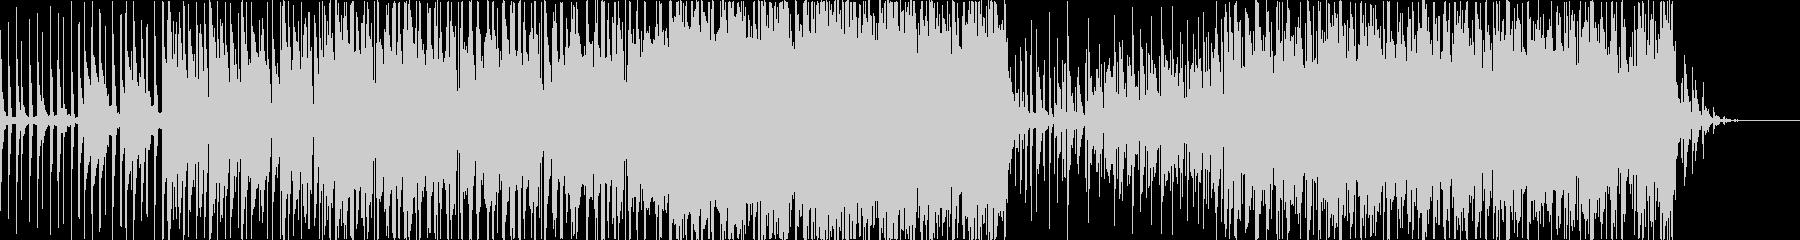 テクノ風ミドルロックの未再生の波形